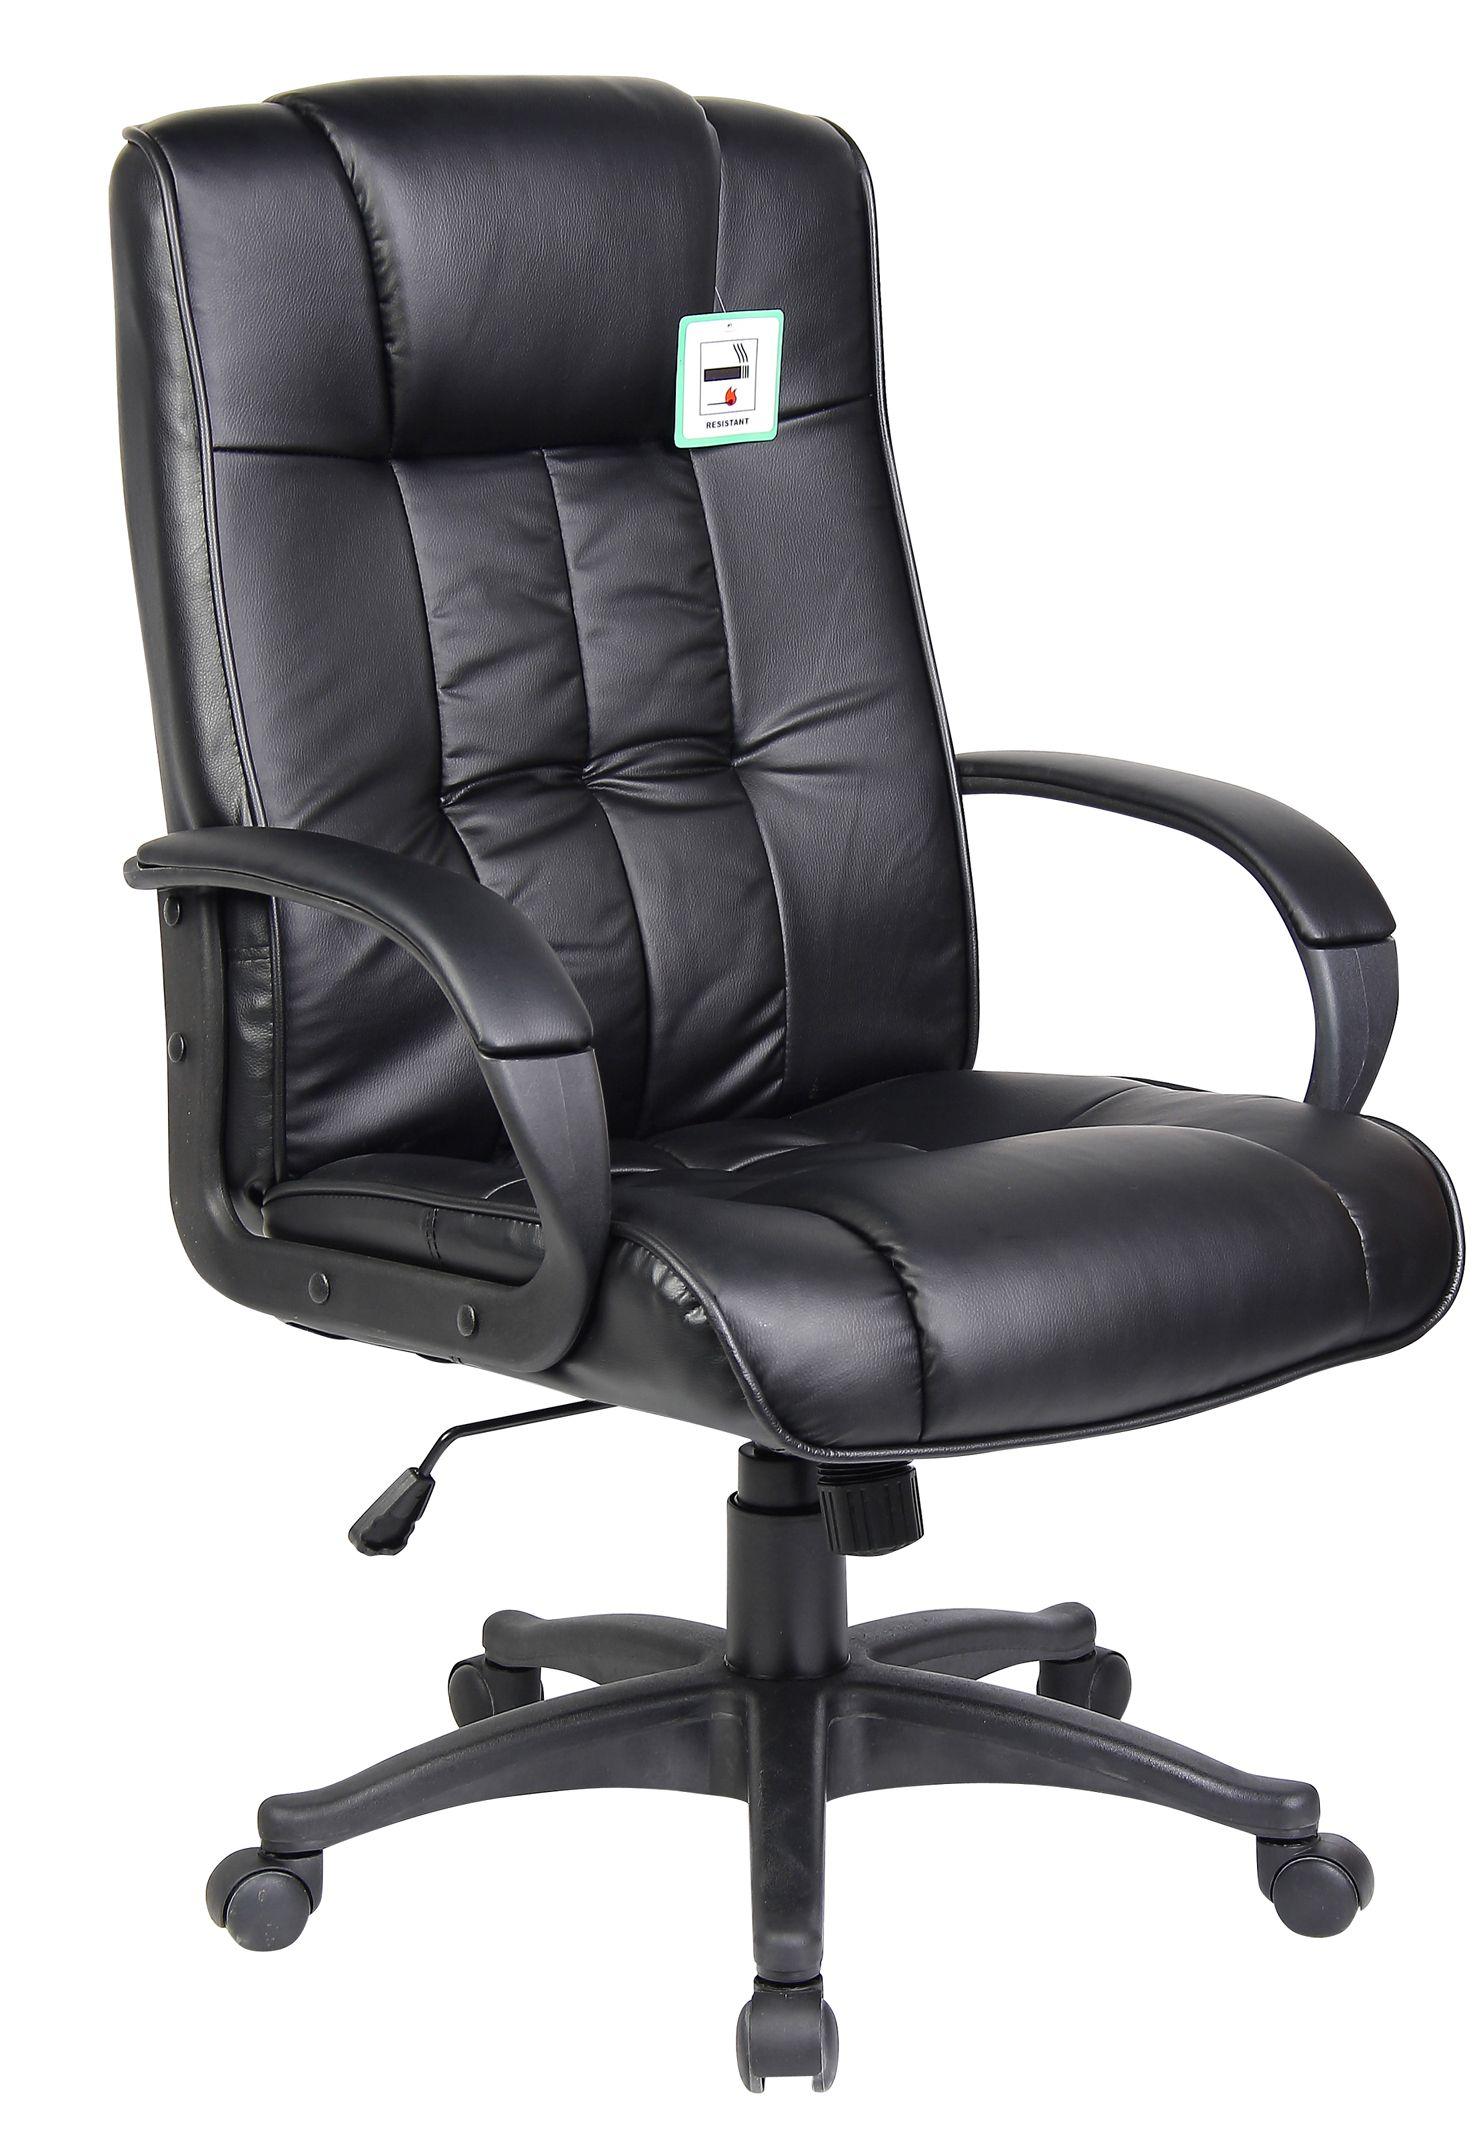 Leather Office Desk Chair Stühle, Leder und Schwarzes leder